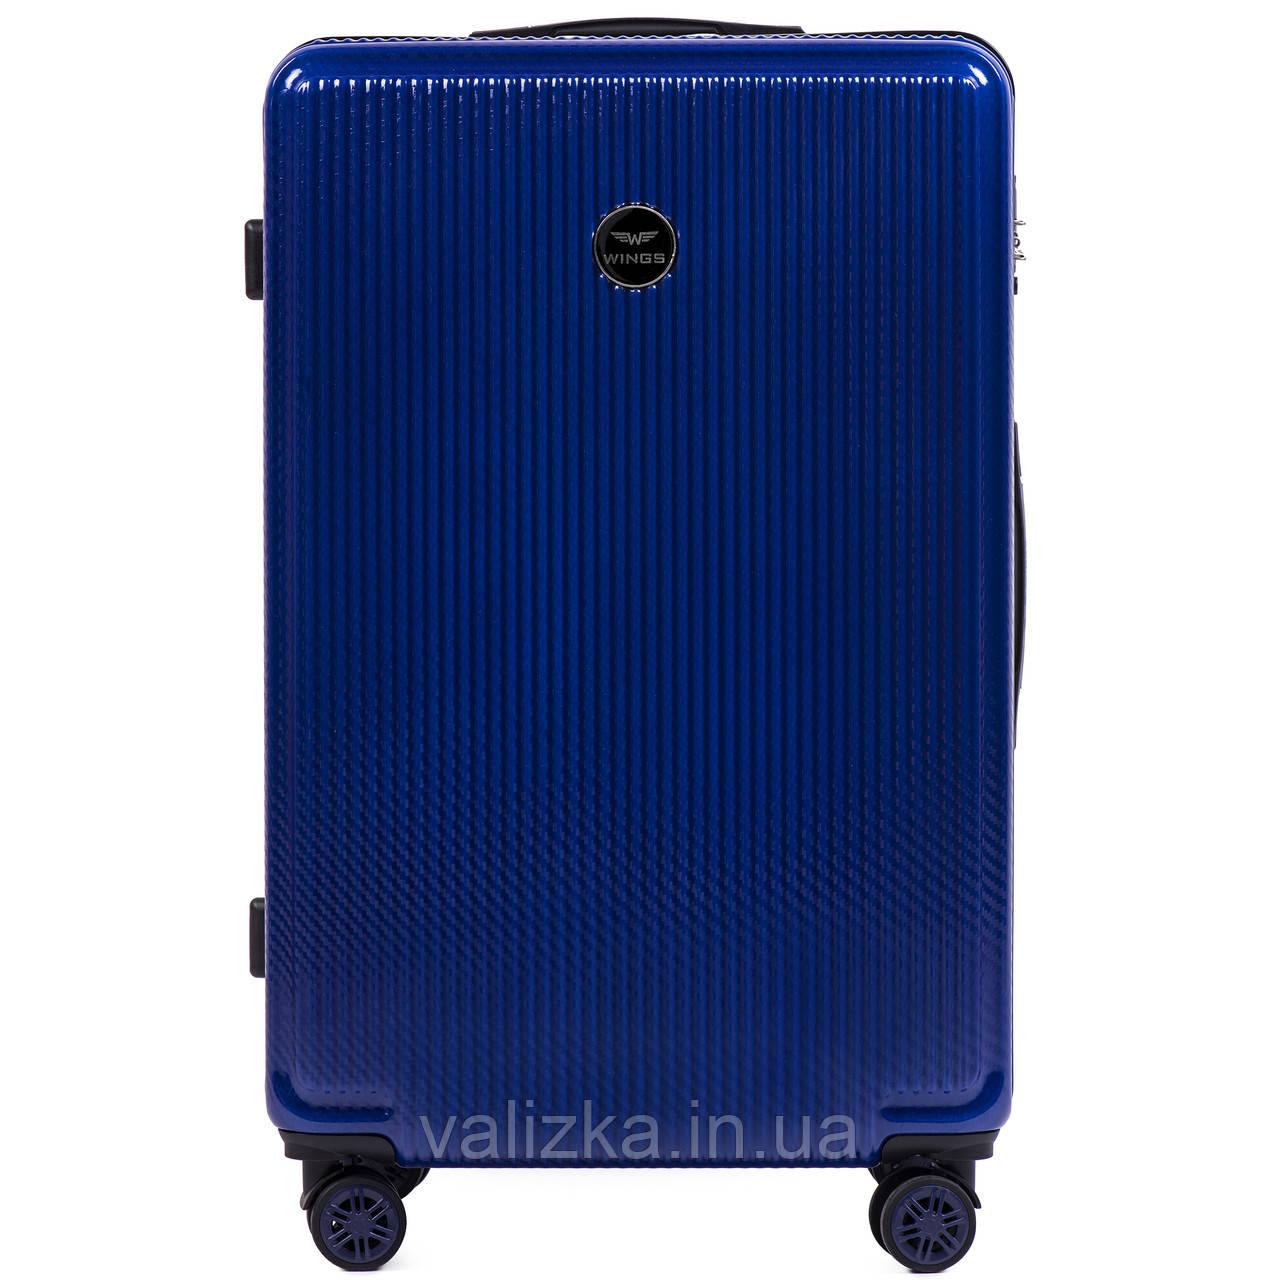 Большой чемодан из поликарбоната премиум серии W-565 на 4х двойных колесах с ТСА замком темно-синий